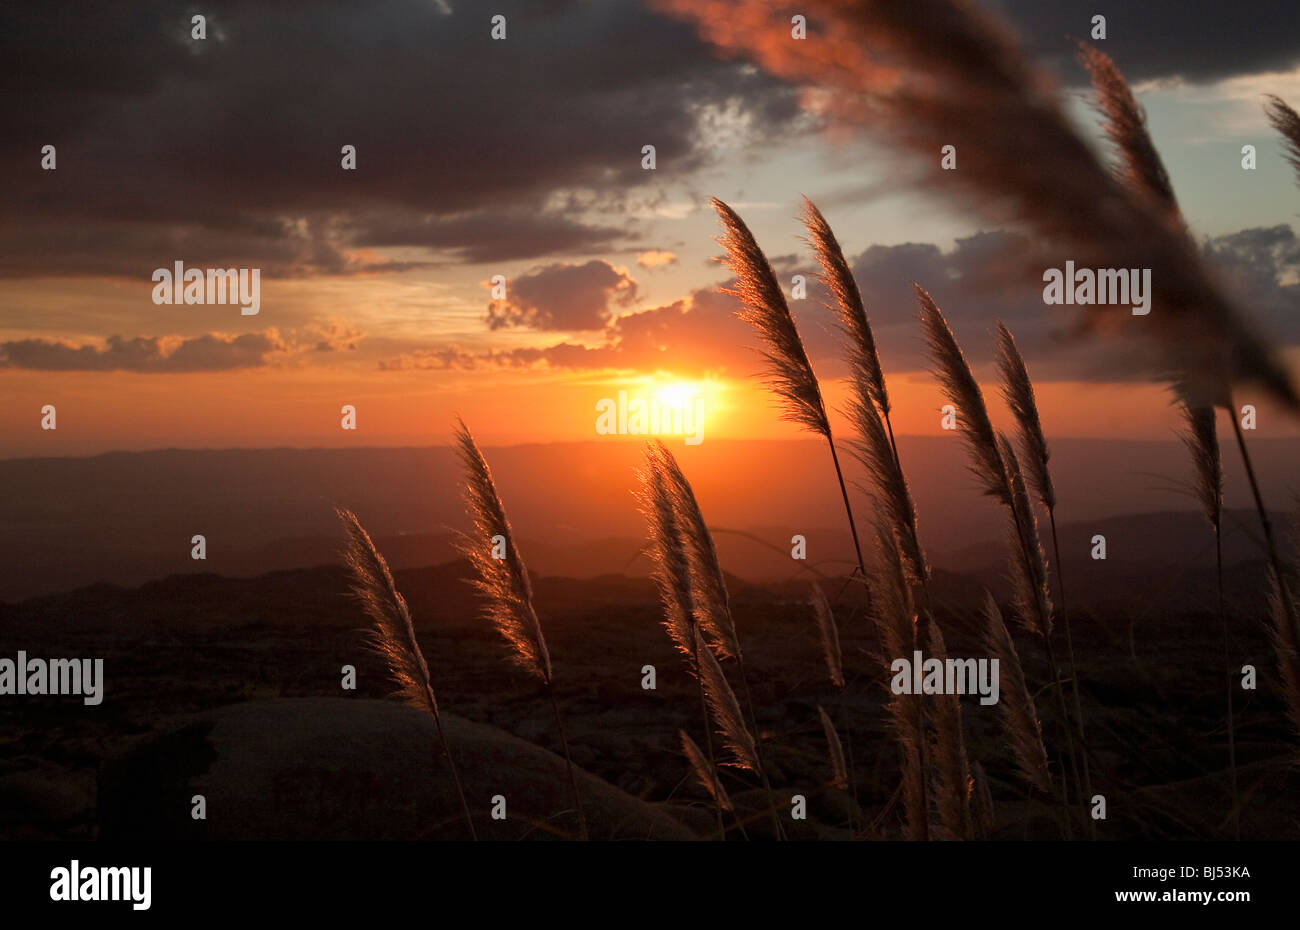 Erba reed accesa dal tramonto Foto Stock